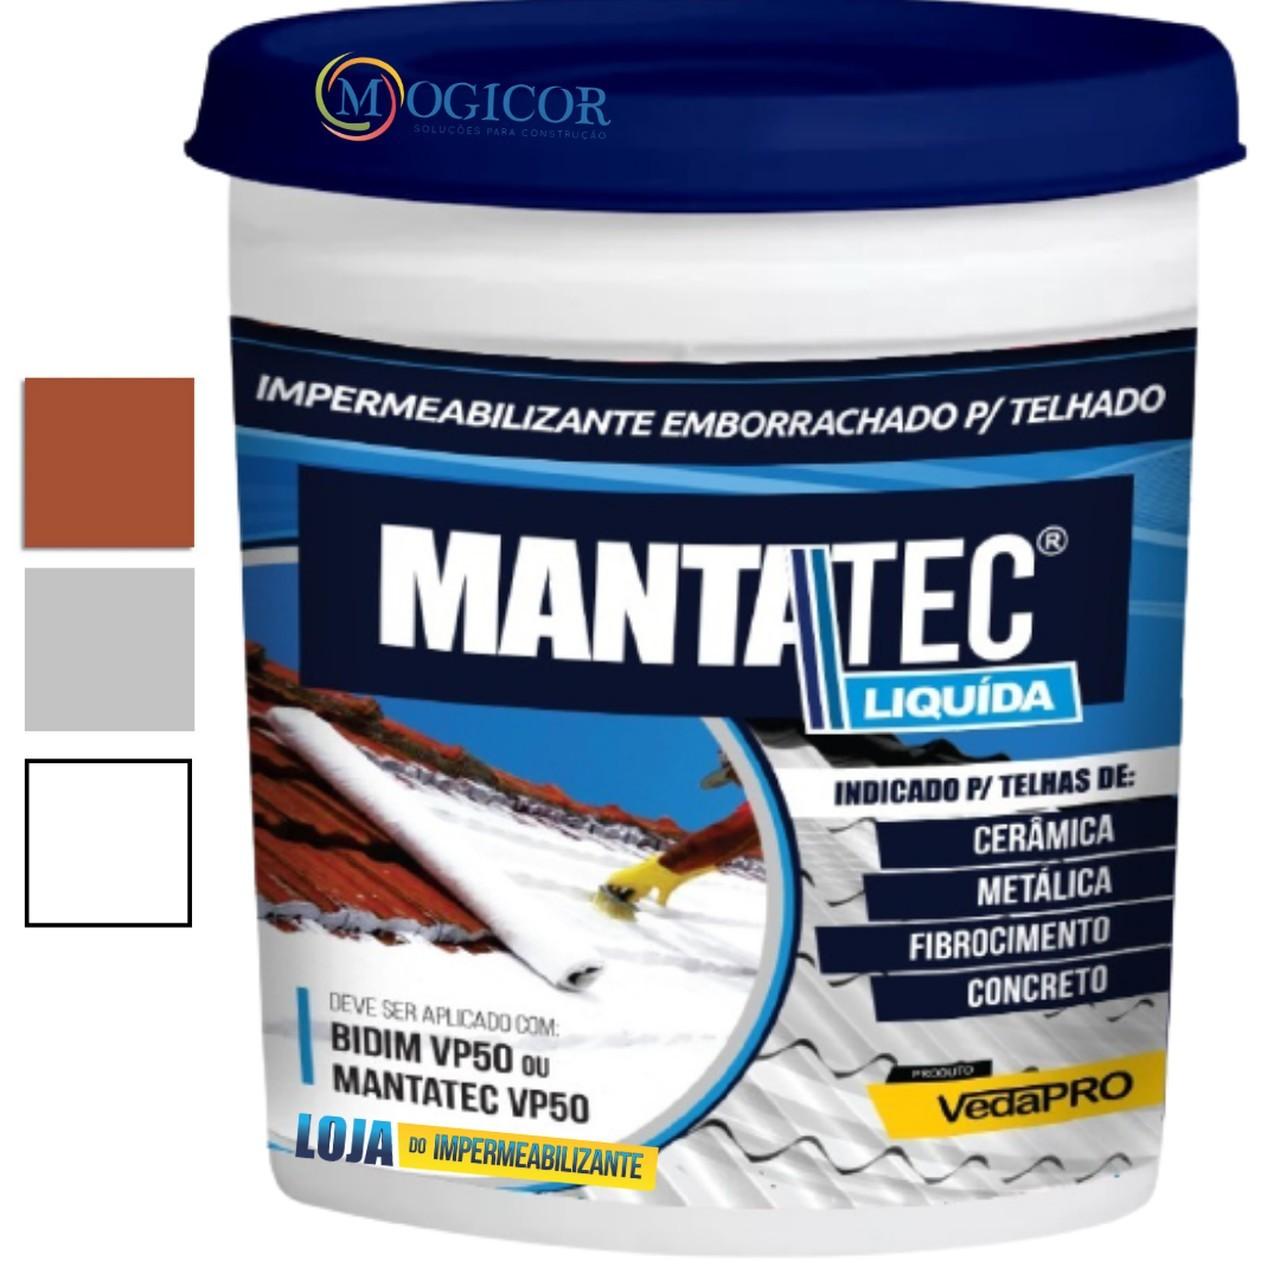 Manta Líquida MantaTec 4kg - Ideal p/ utilizar na impermeabilizão de lajes, telhados e telhas de zinco, madeira, colonial, embutido, verde, fibrocimento etc...